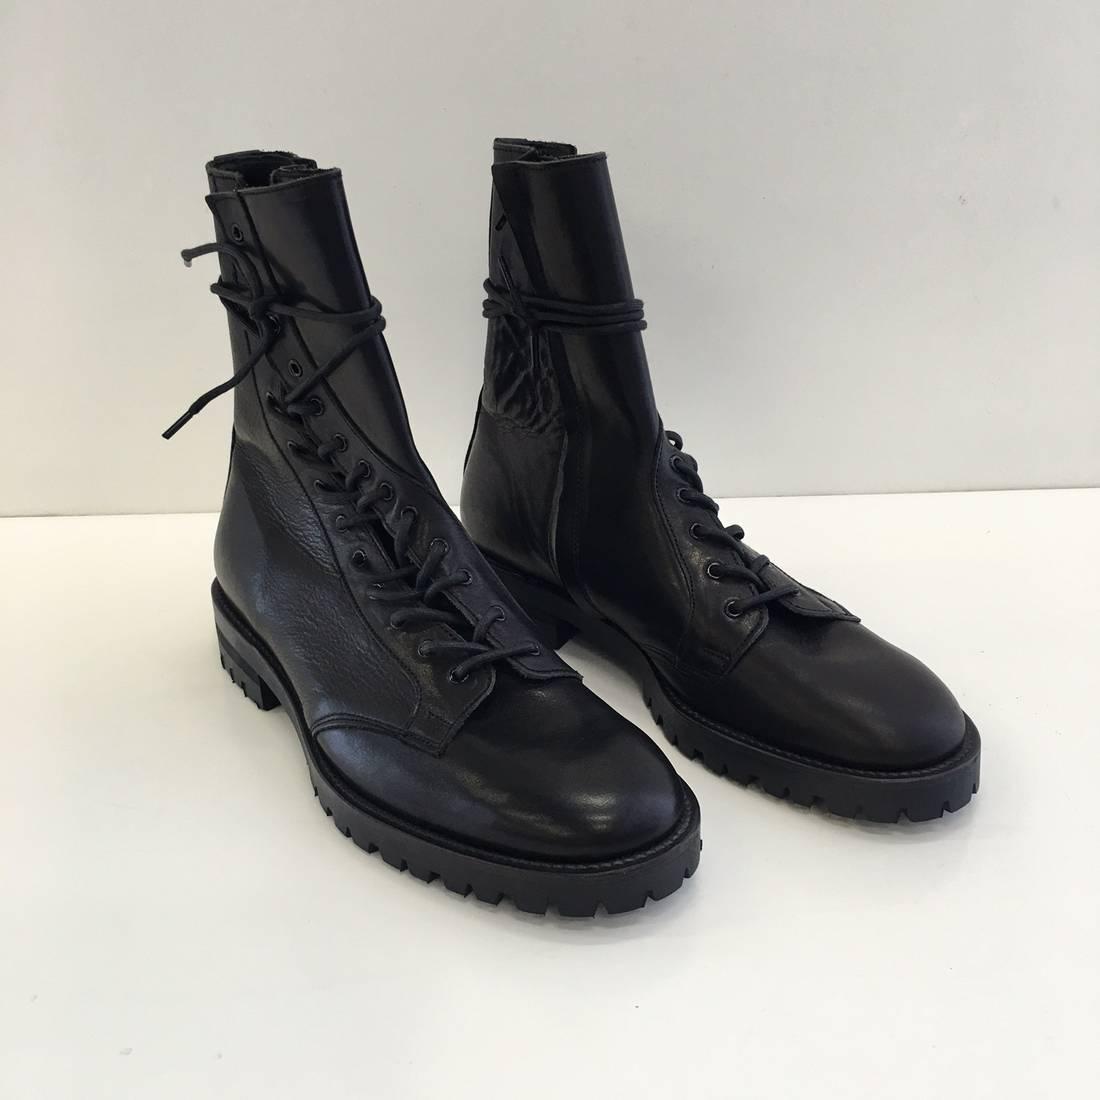 FOOTWEAR - Lace-up shoes Yohji Yamamoto